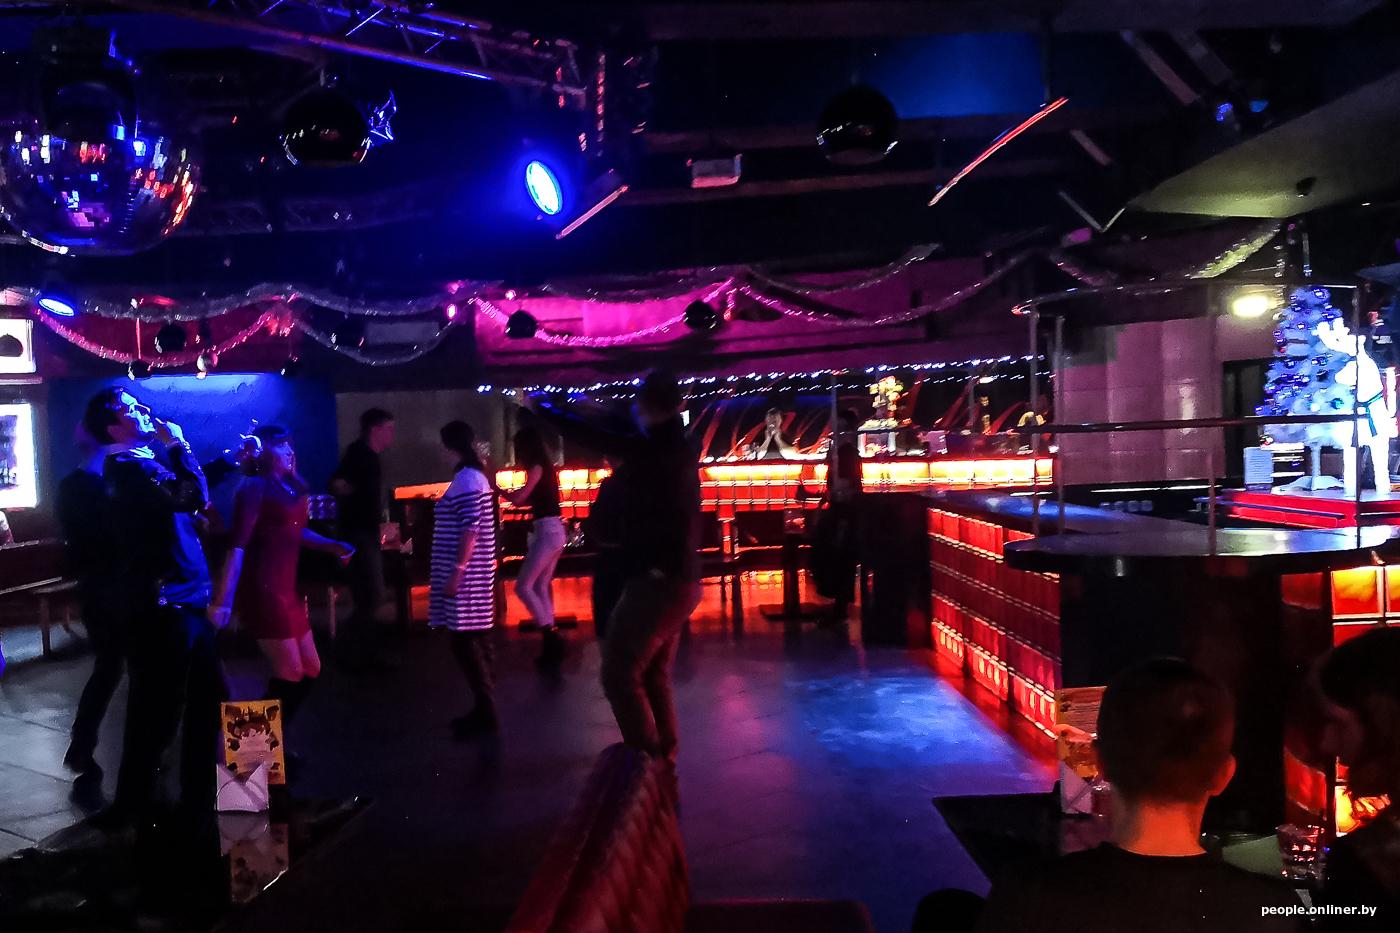 Я на дискотеке в ночном клубе в могилеве общение в ночных клубах